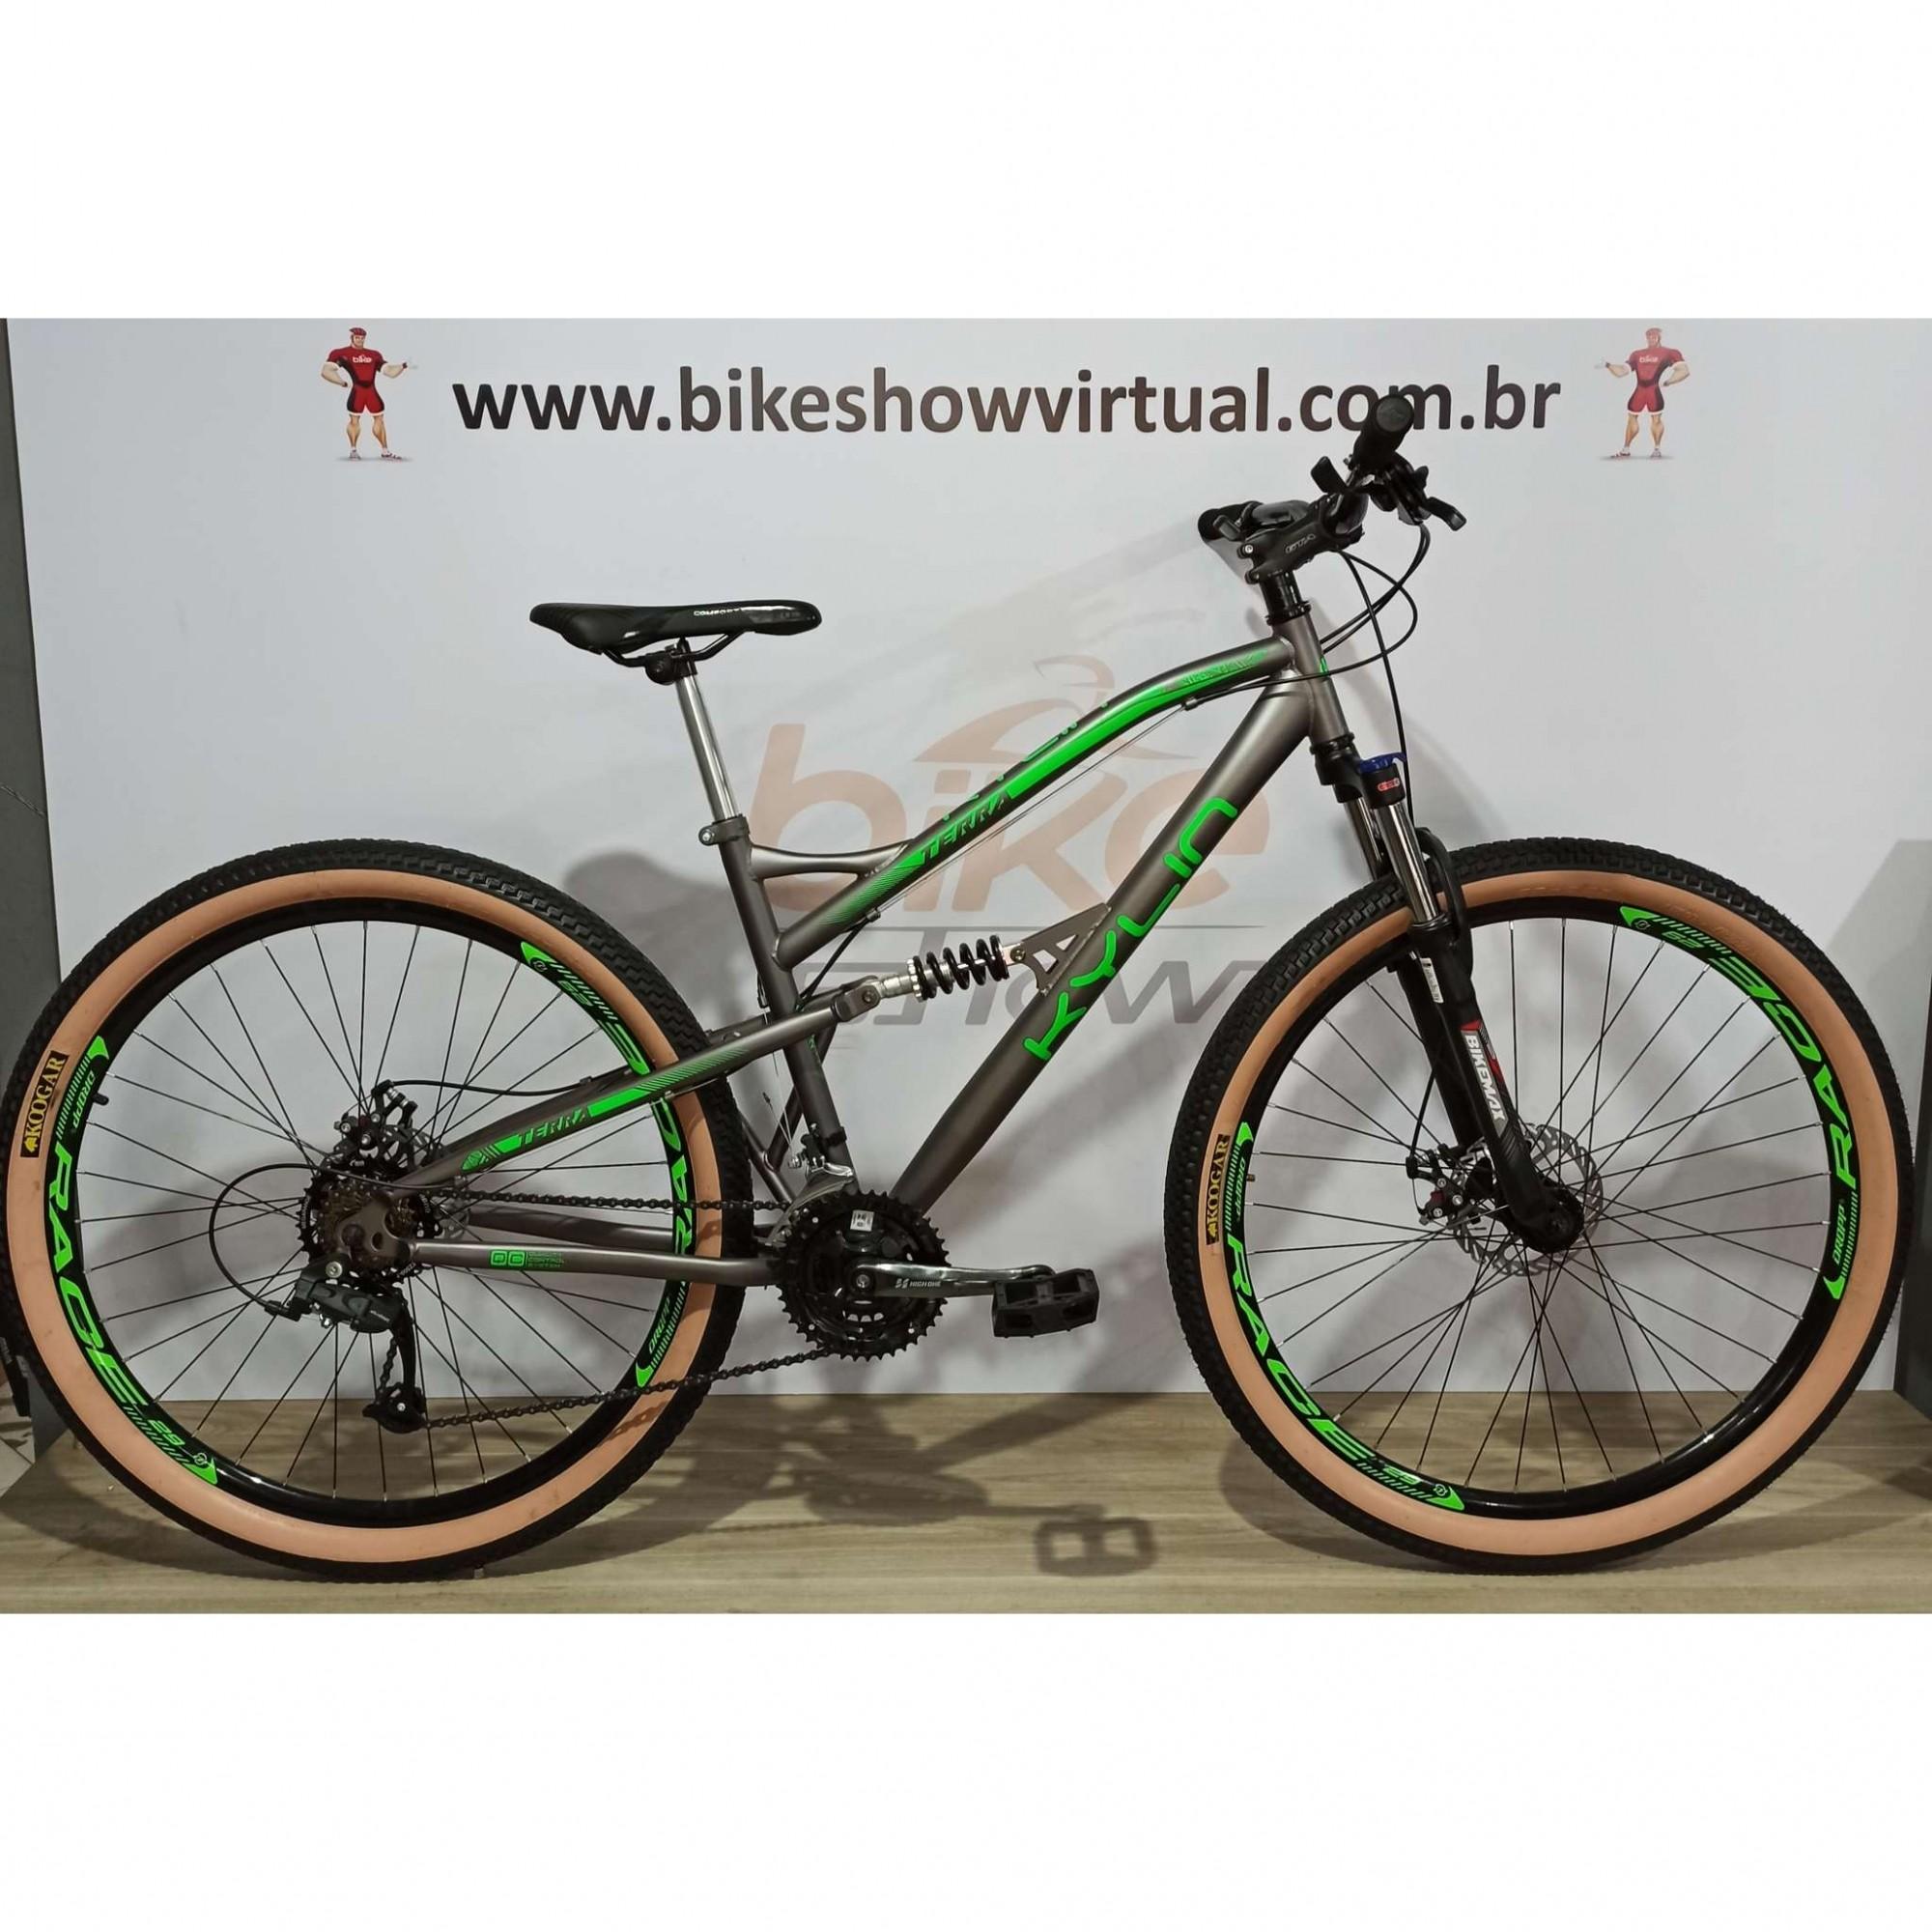 Bicicleta KYLIN Terra aro 29 - 21v MicroShift - Freio a Disco Veloforce - Suspensão BikeMax com Trava no ombro